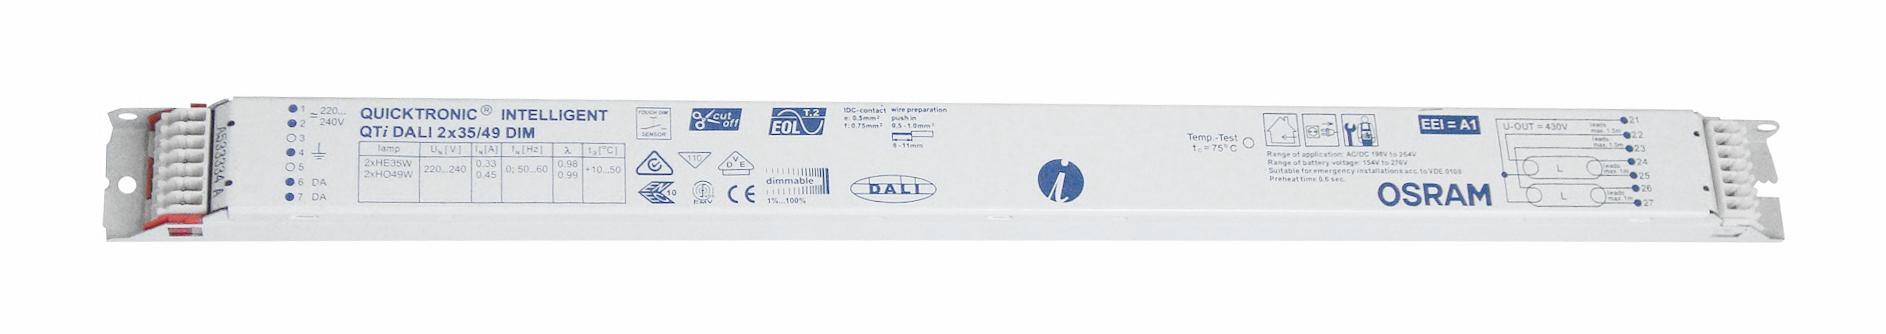 EVG QTIDALI 2x35/49/220-240 für T5 dimmbar DALI